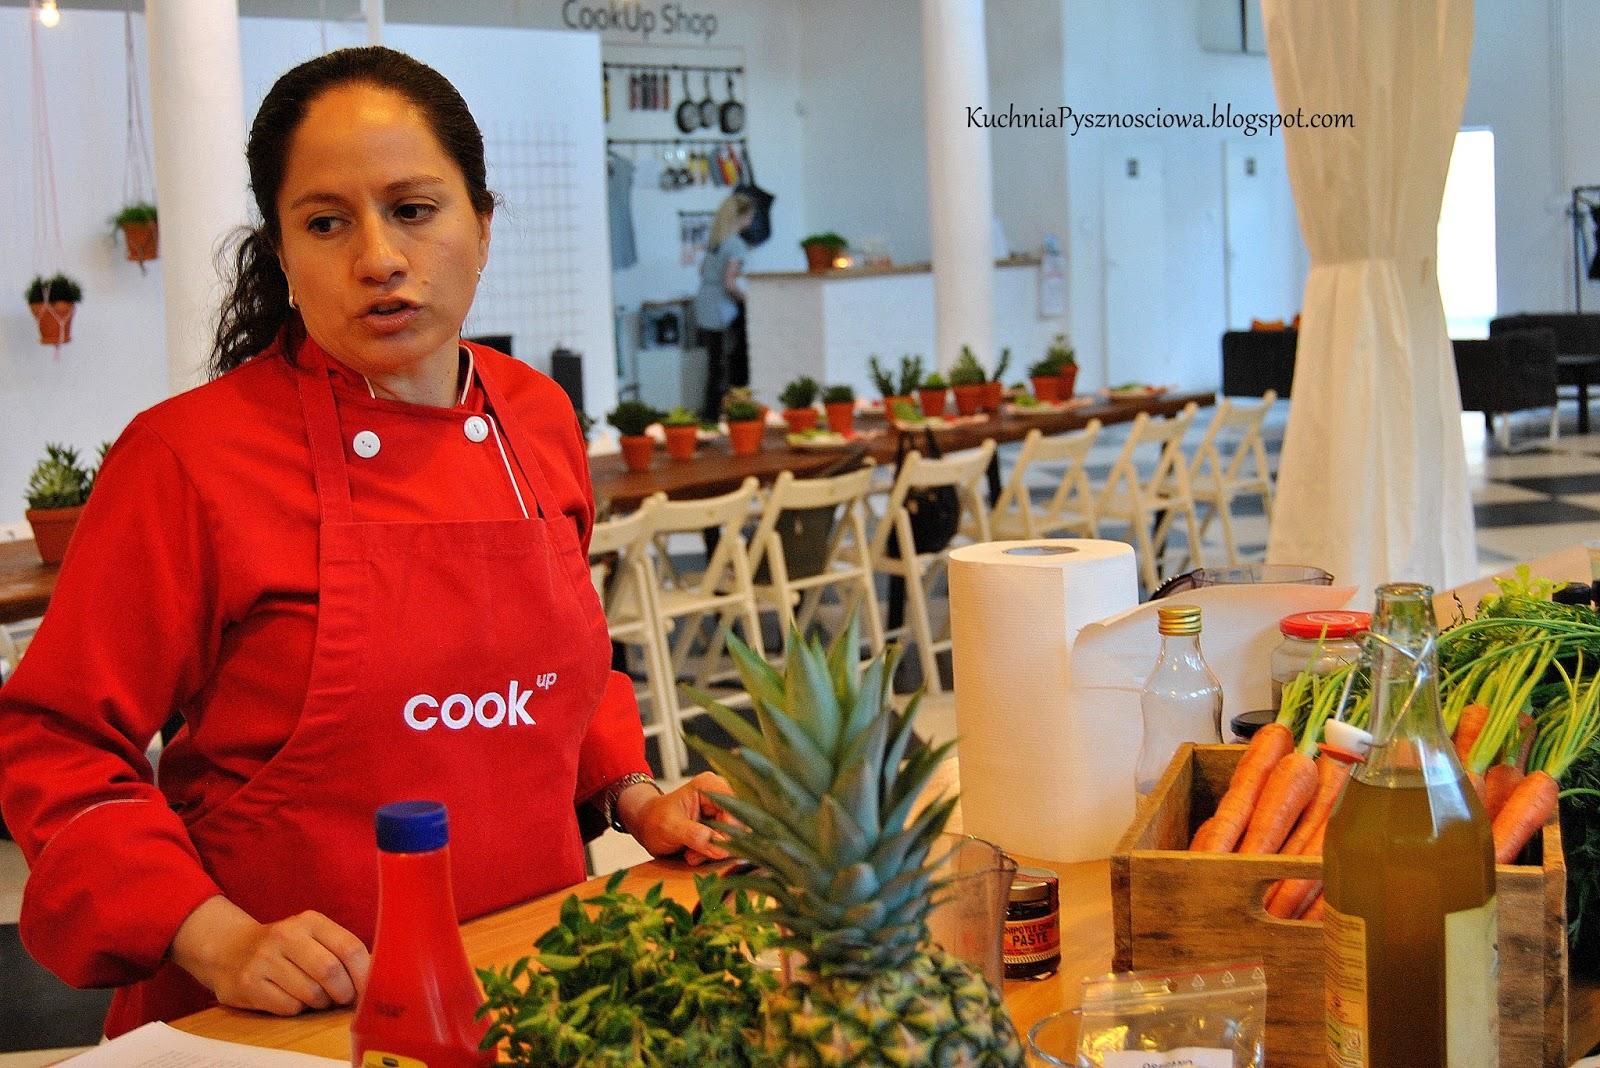 Warsztaty Fiesta Mexicana w Cook Up